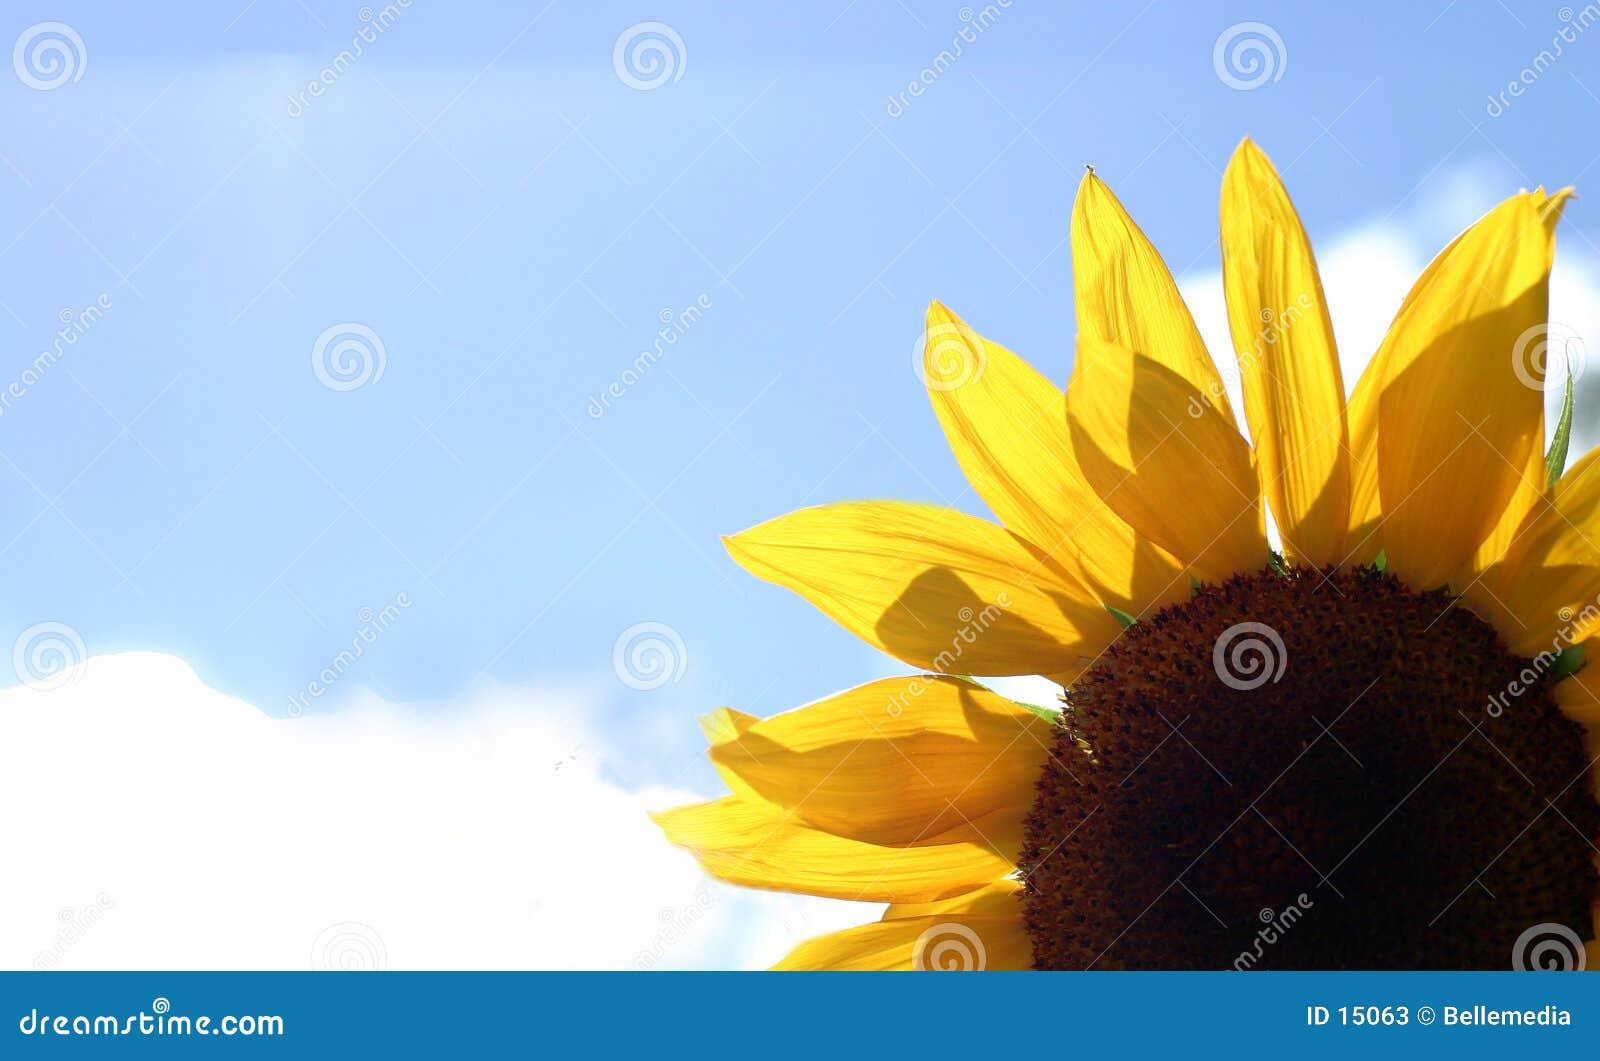 Flor brilhante e bonita